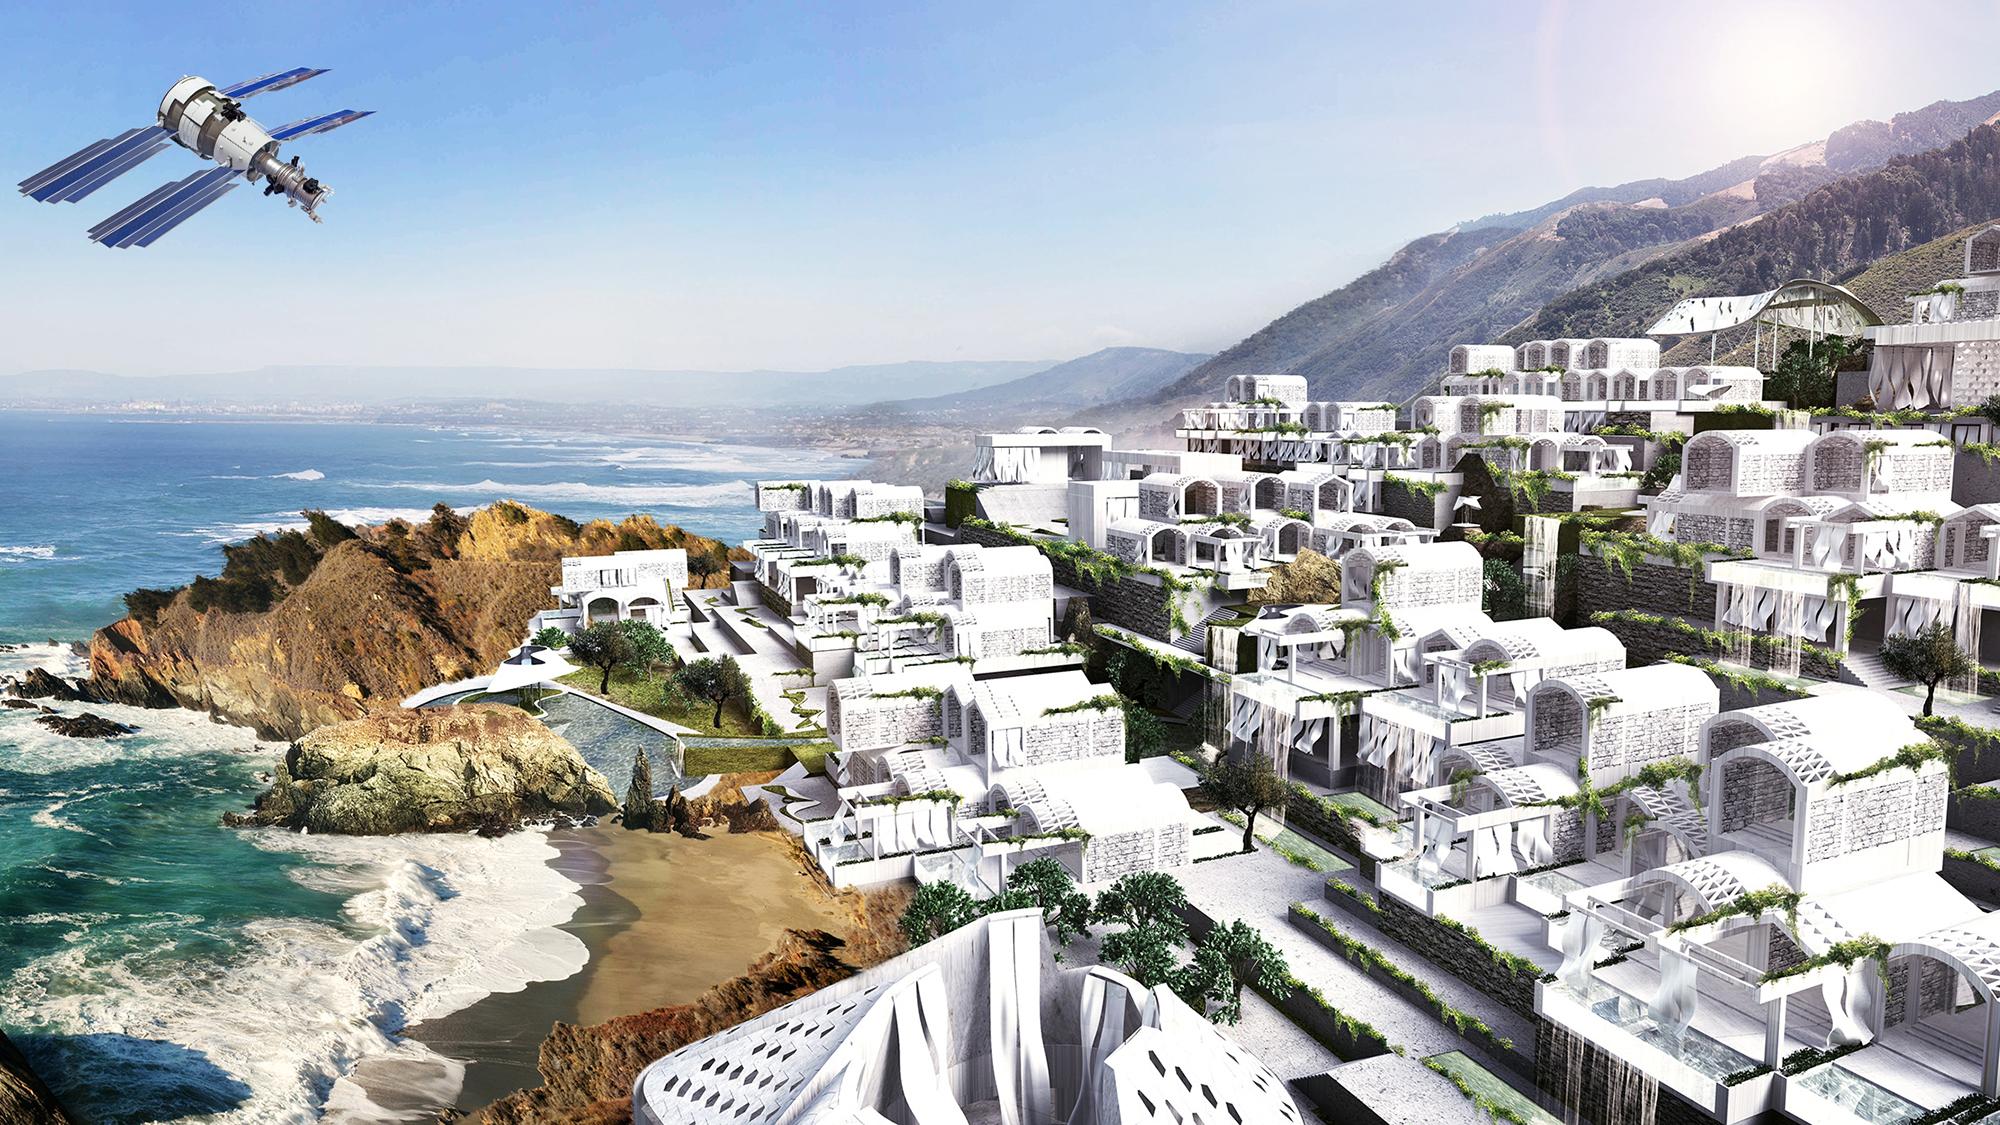 So soll das Atmos Selfness Resort aussehen © ATMOS/Coop Himmelb(l)au